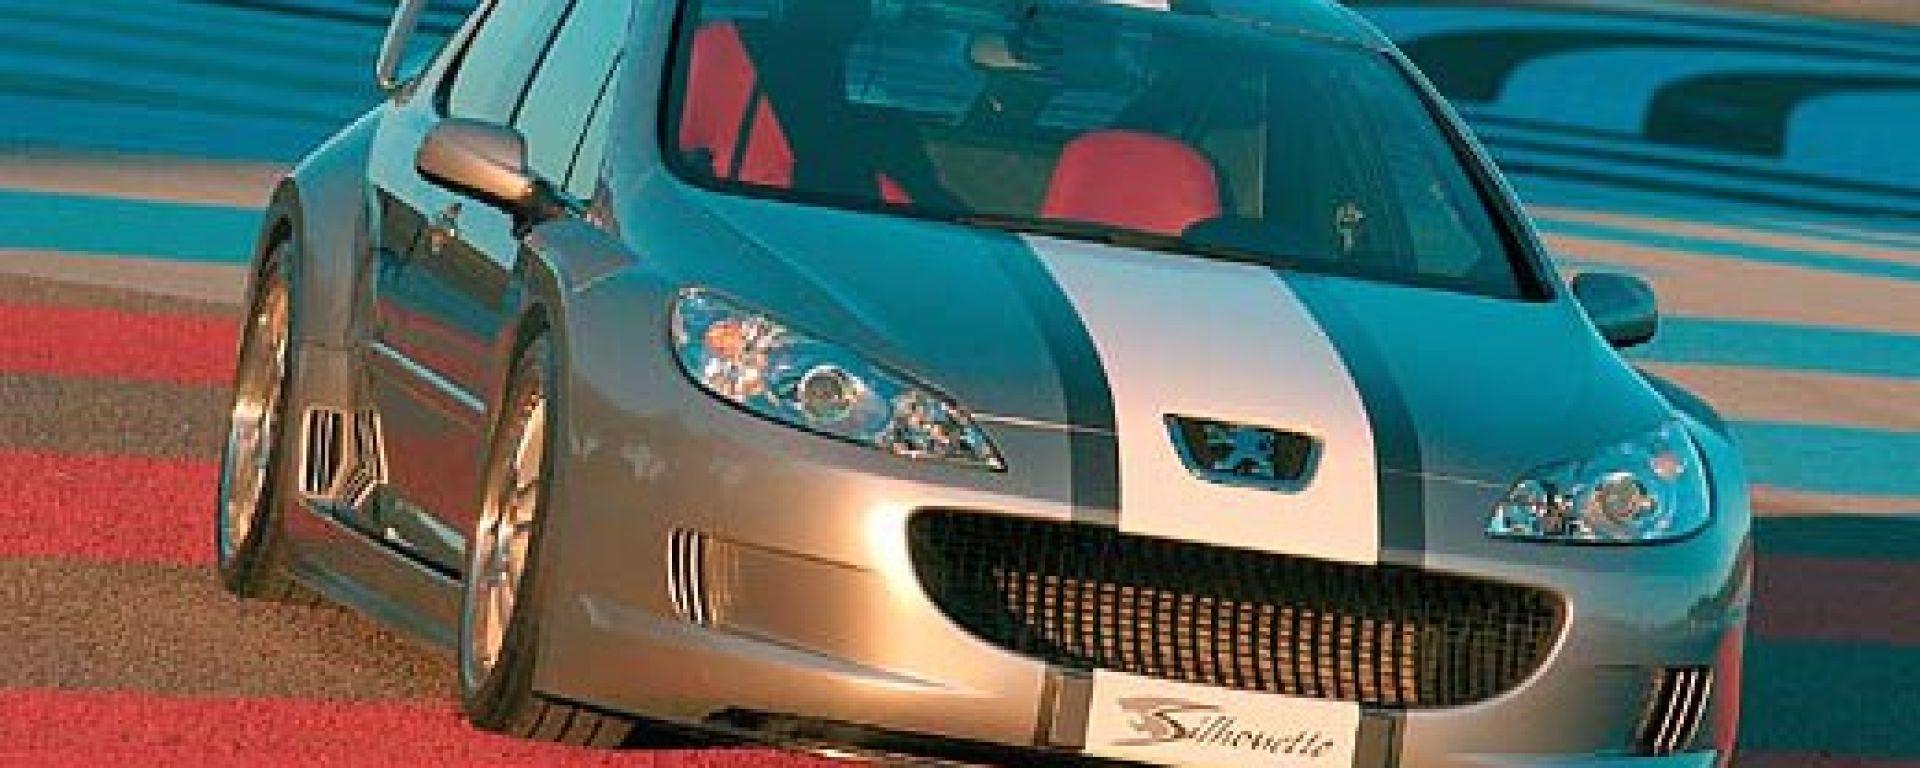 Anteprima: Peugeot Silhouette